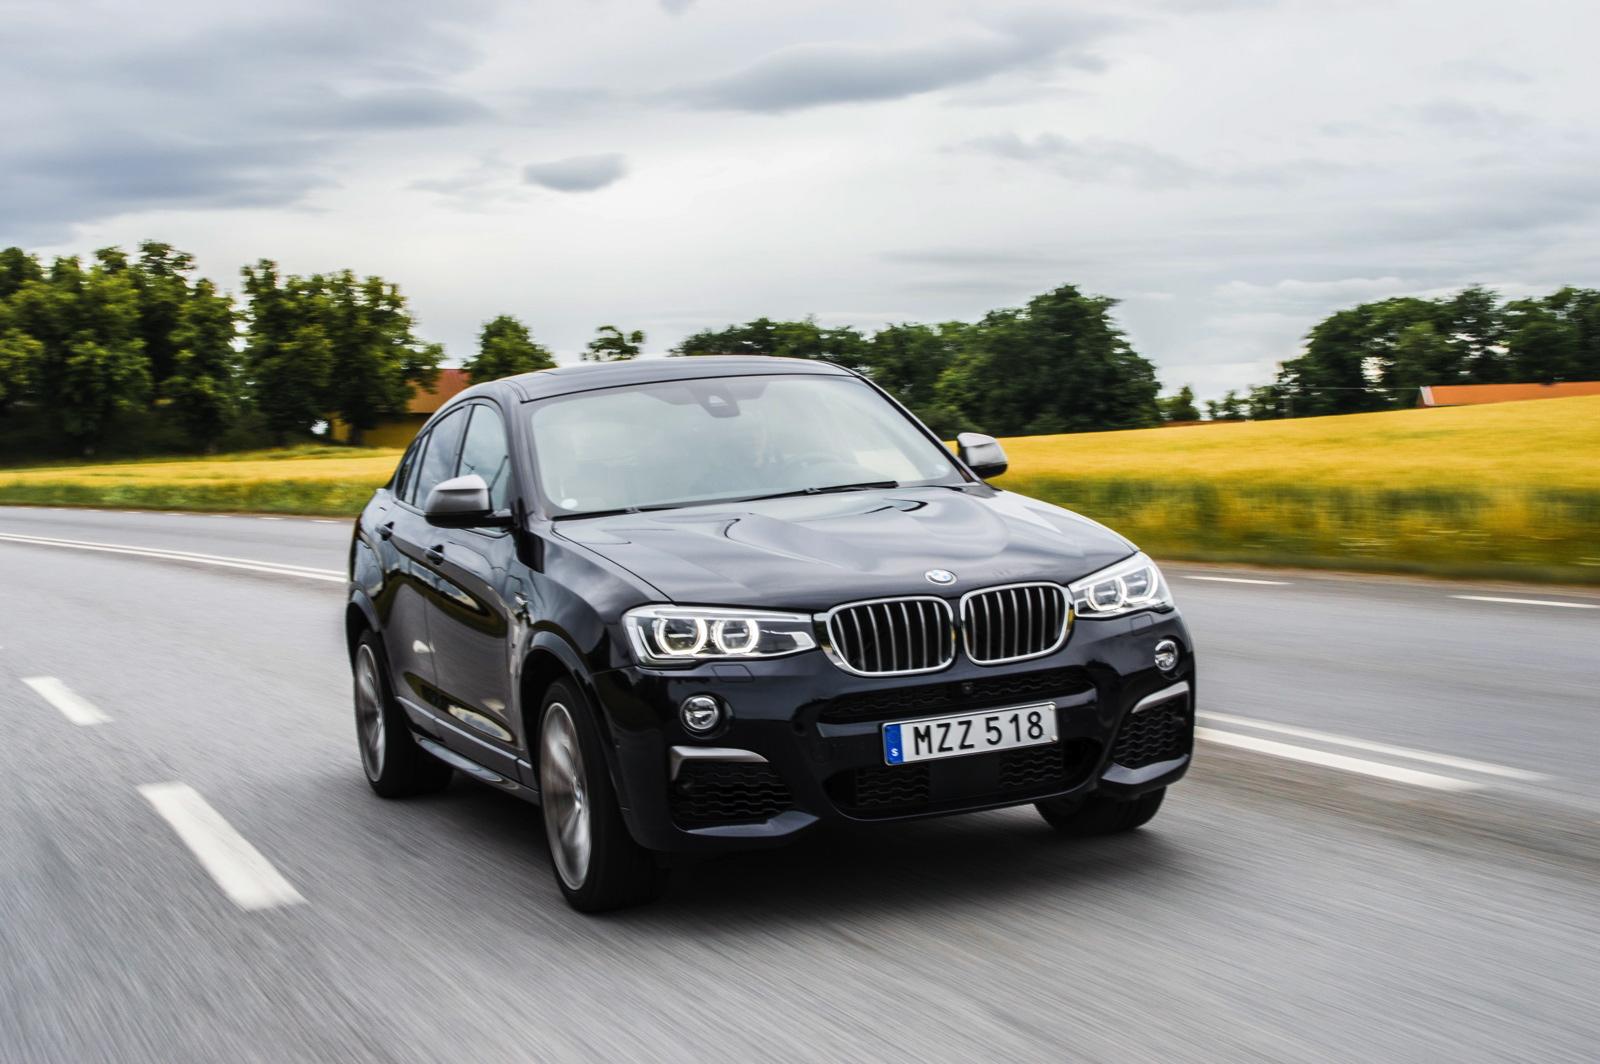 2017 BMW X4 M40i test 01